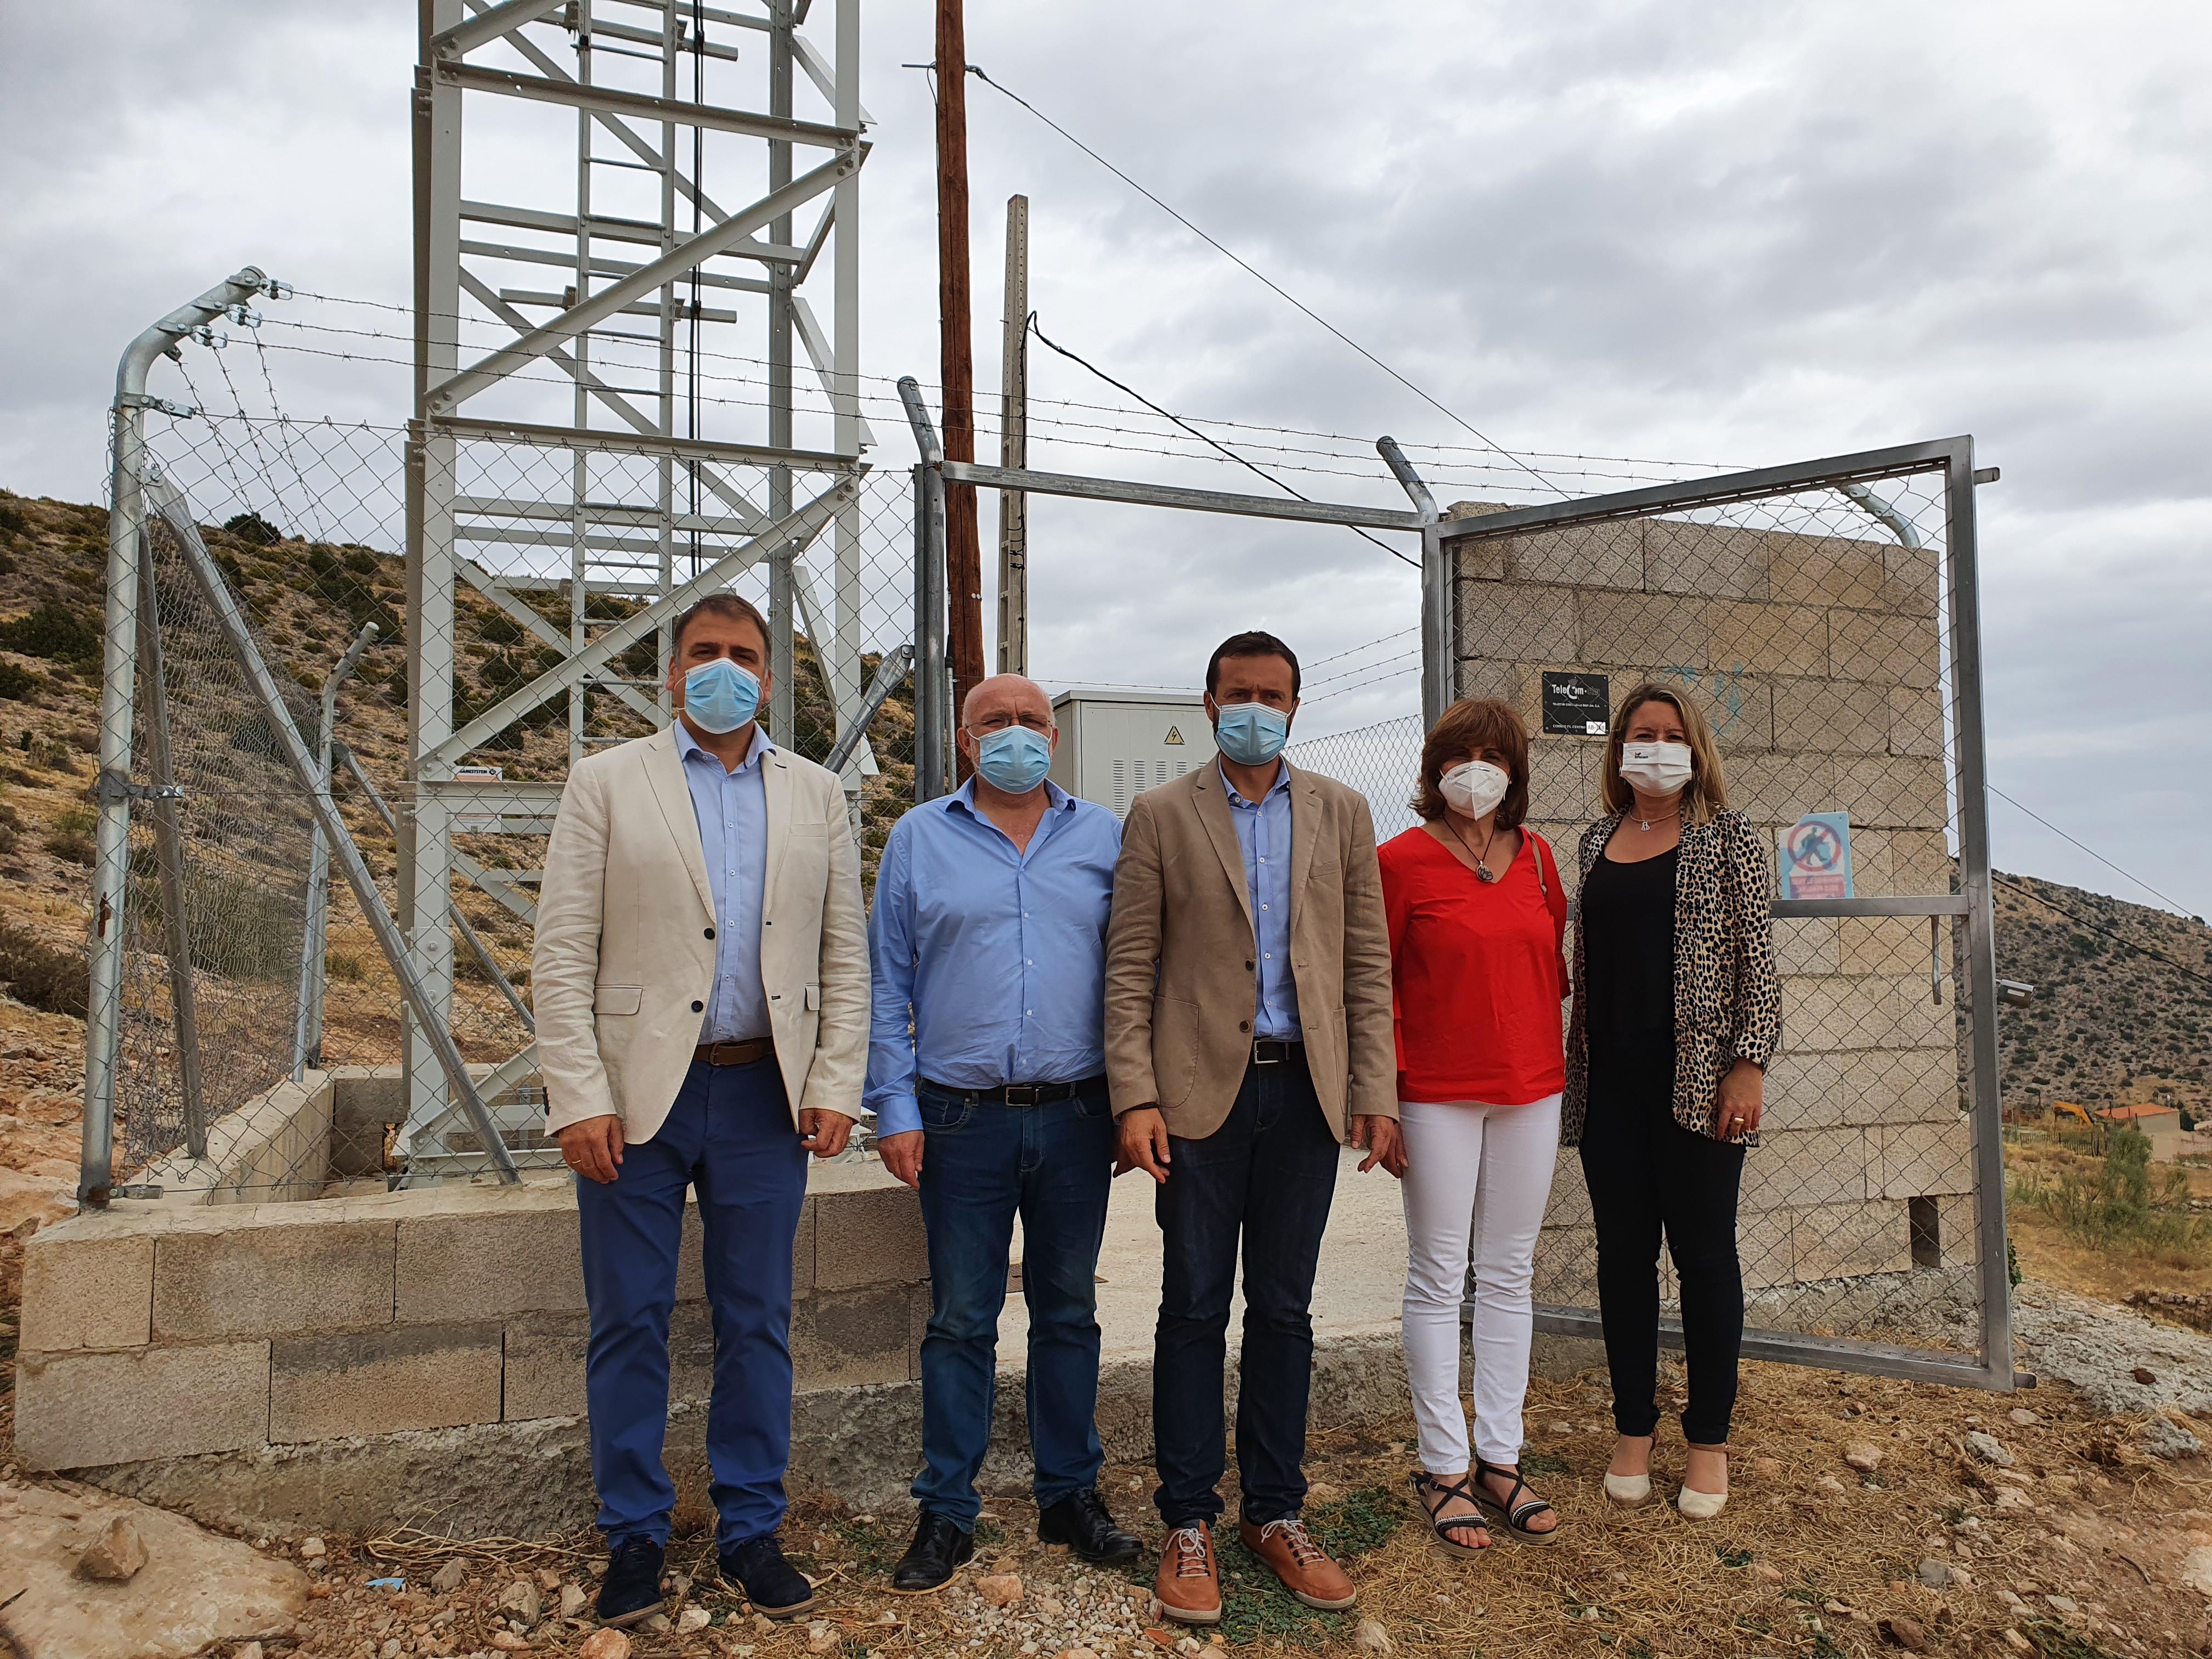 El Gobierno regional invierte 3,4 millones de euros en el despliegue de tecnología 4G en la Comarca de la Sierra del Segura llevando su cobertura al 97% de la población